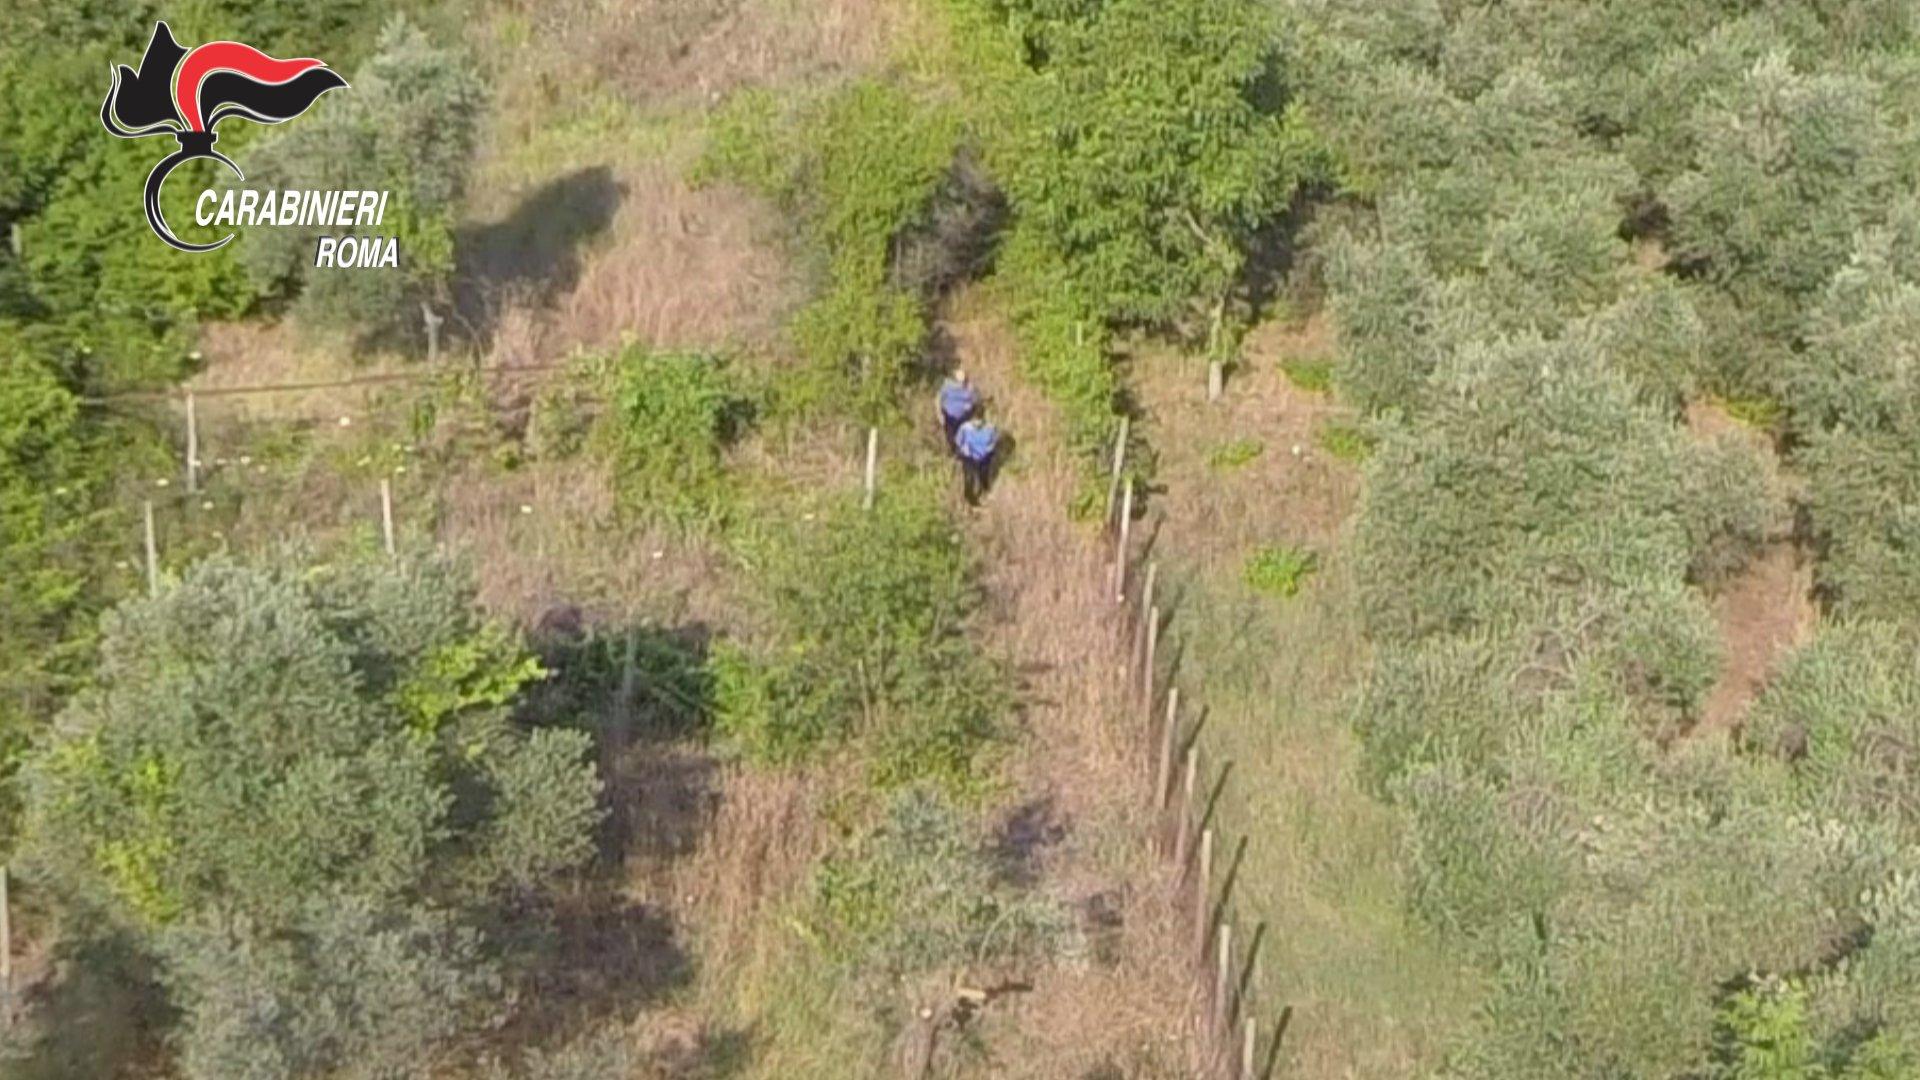 La piantagione di marijuana individuata dai Carabinieri vista dall'alto_